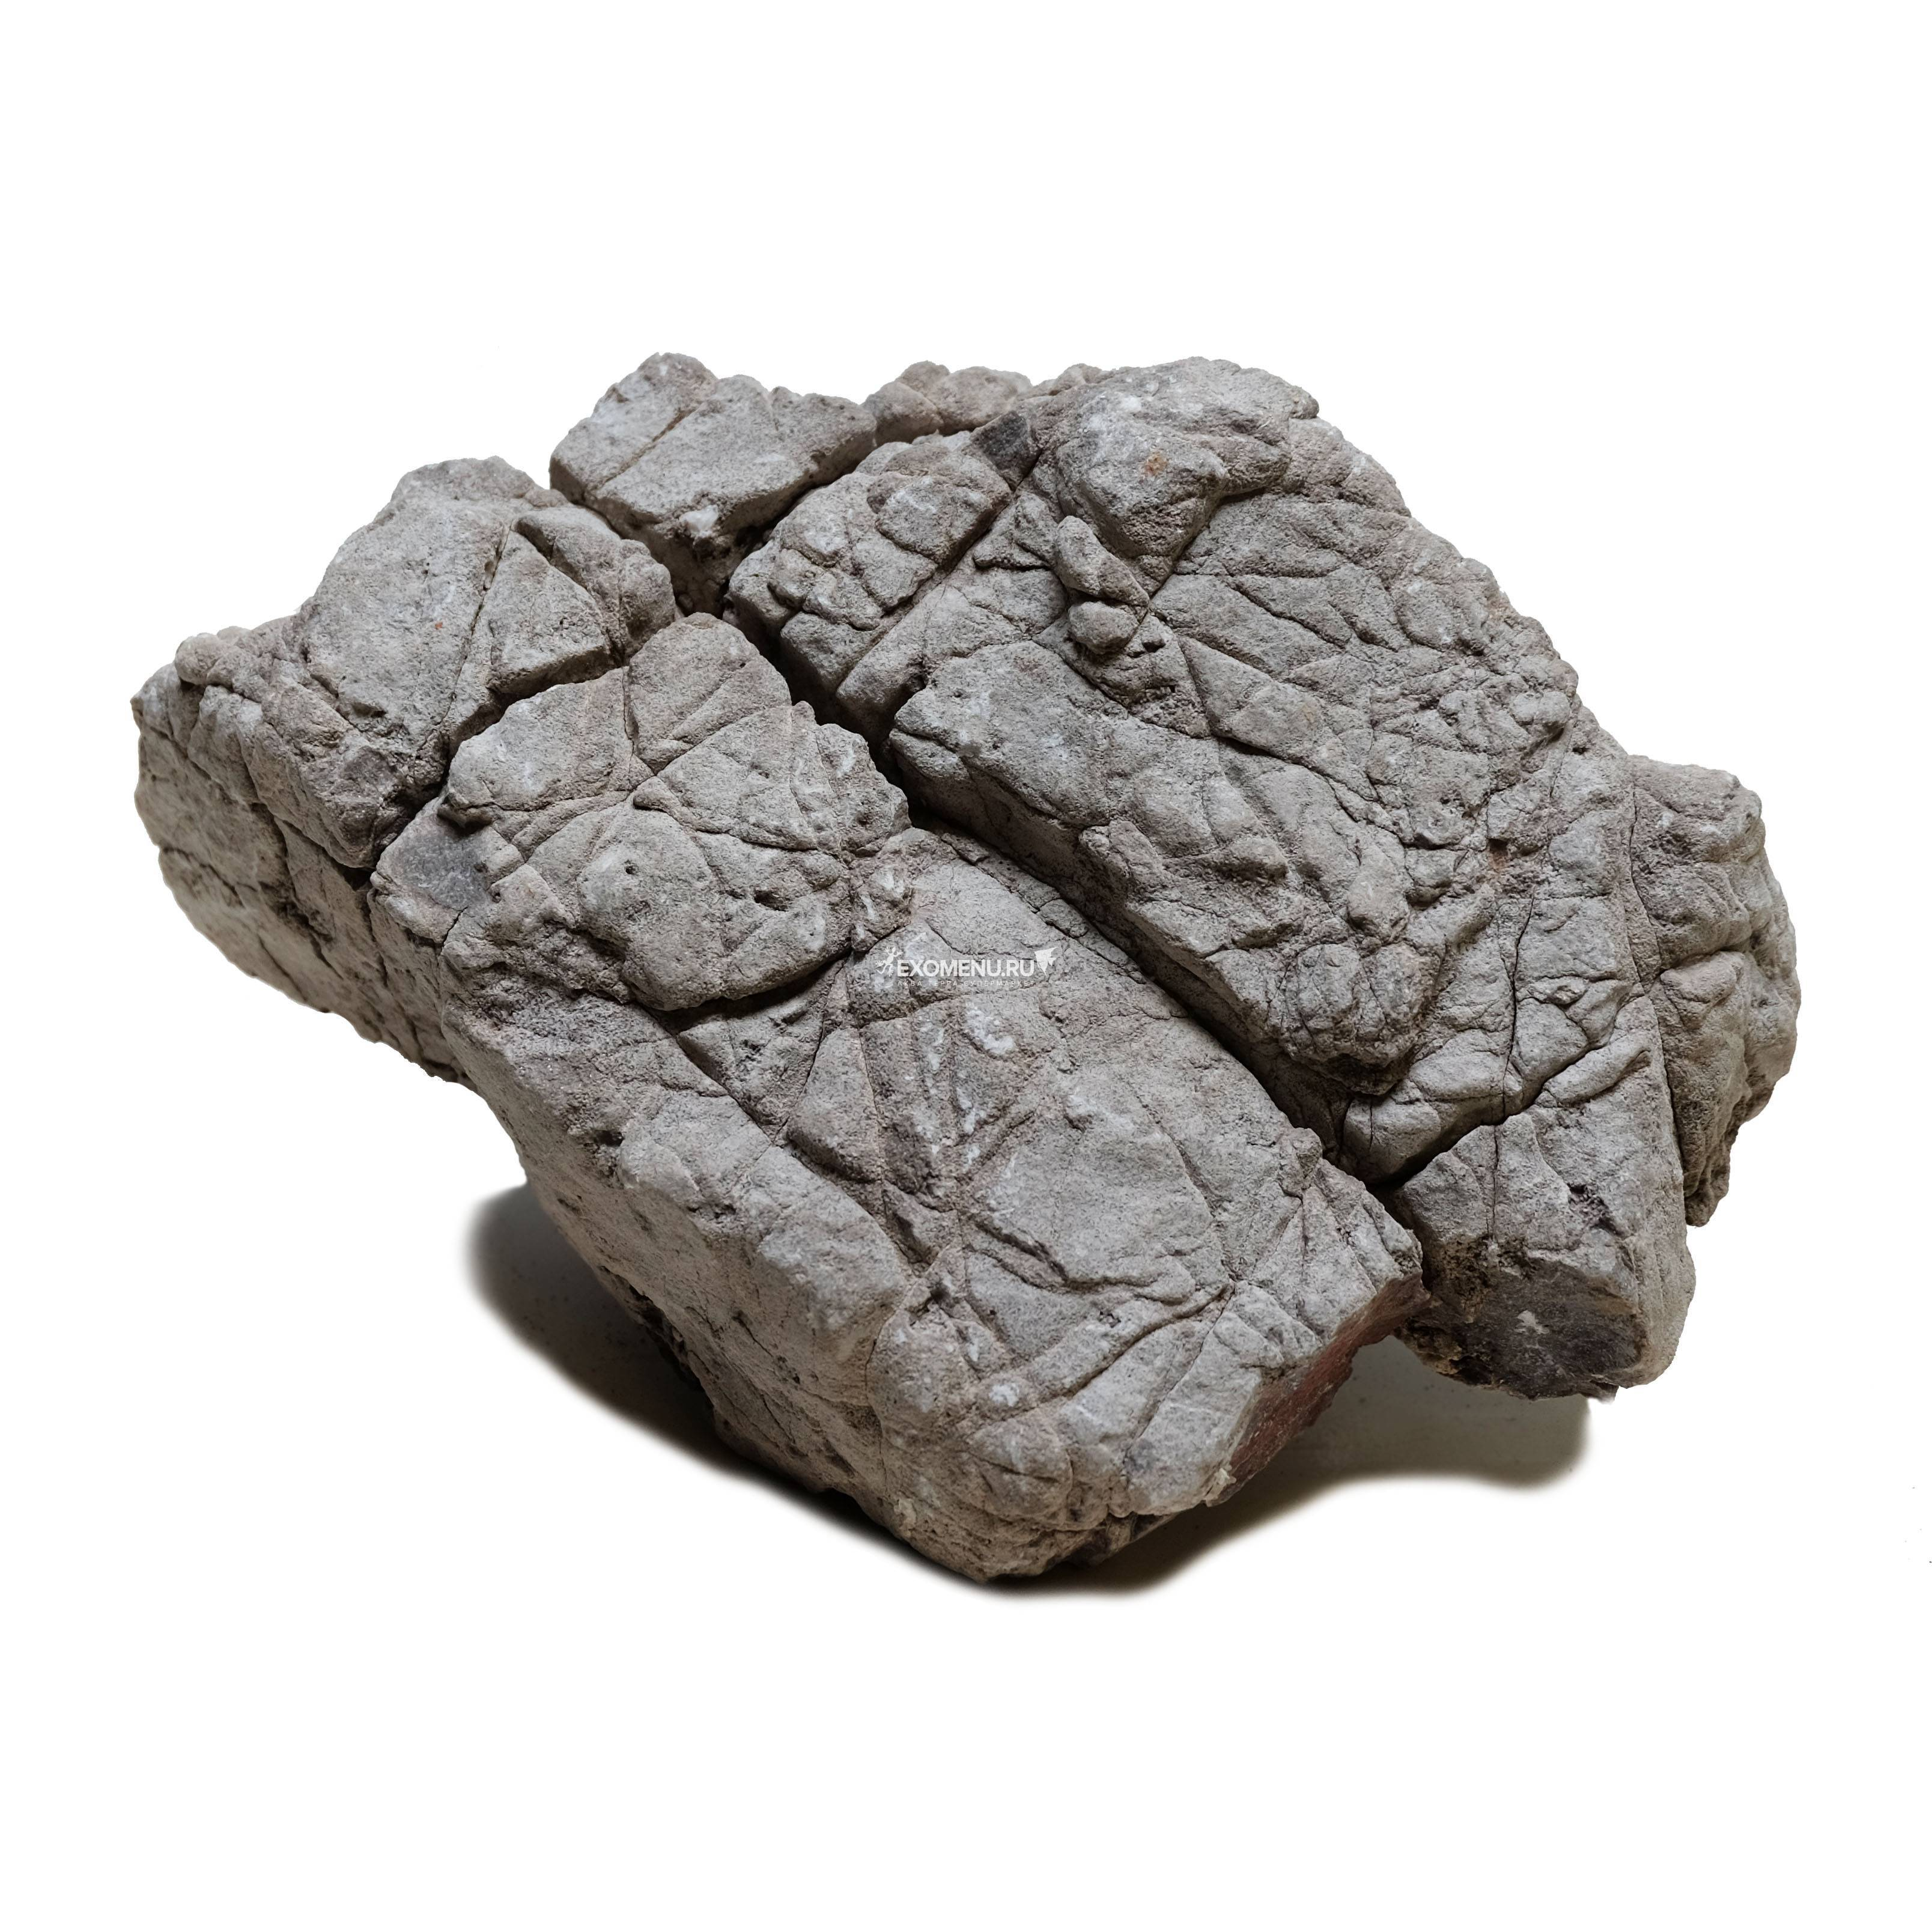 Декорация природная PRIME Камень серый Лао S 10-20 см фото